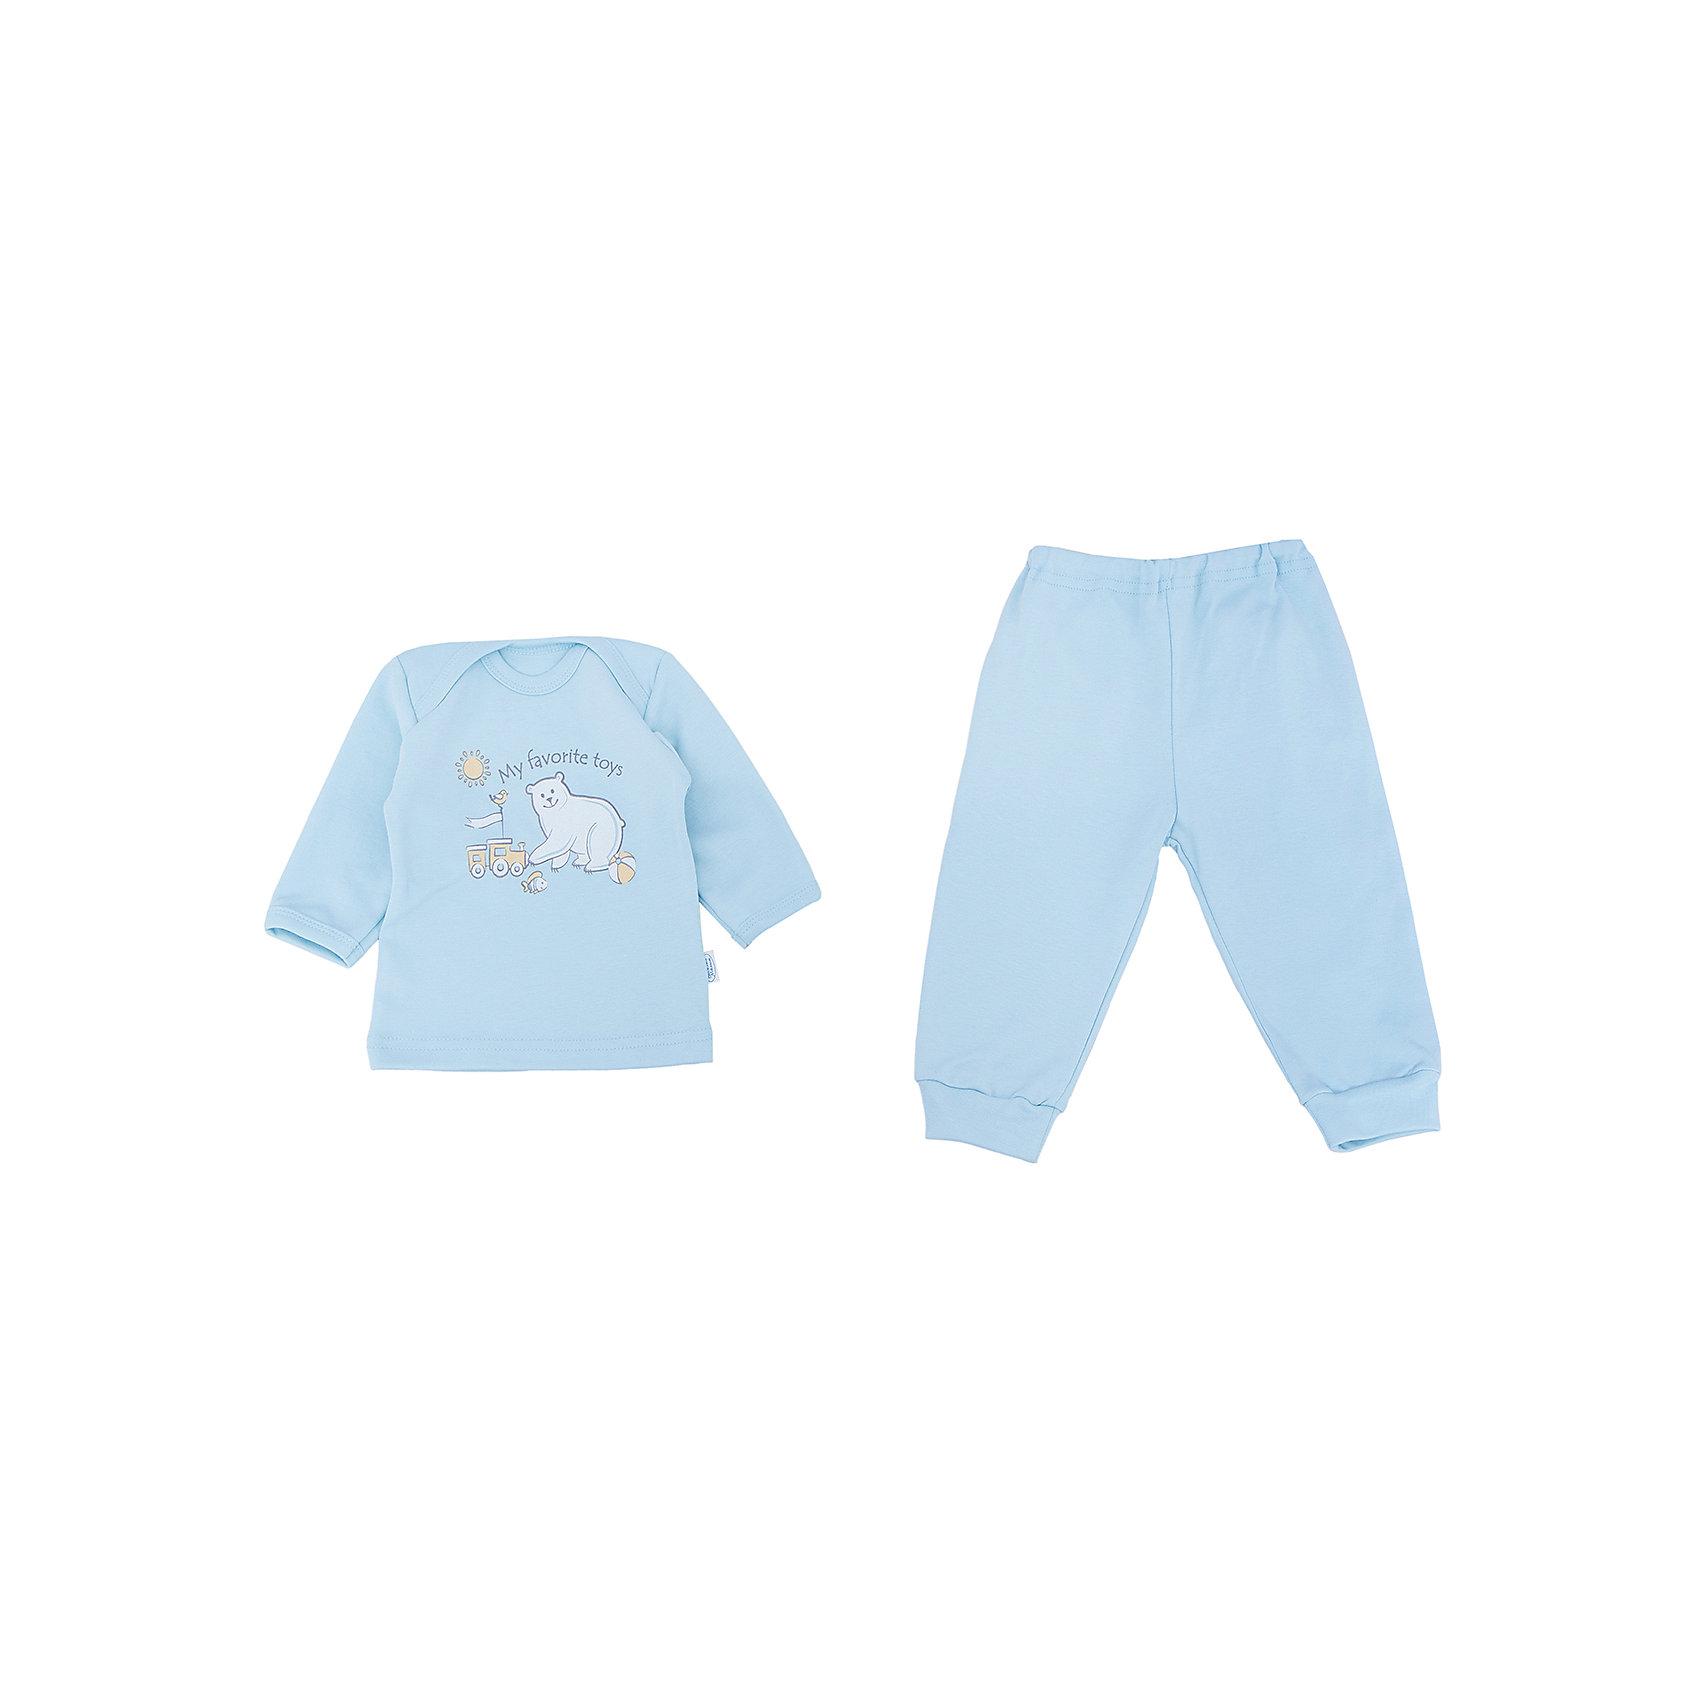 Пижама для мальчика Веселый малышПижамы<br>Очаровательная пижама от бренда Веселый малыш подарит вашему ребенку комфортный сон. Пижама изготовлена из 100% хлопка, приятного телу. Материал очень прочный и отлично сохраняет свои свойства после стирки. Ткань гипоаллергенная и не вызывает раздражения на чувствительной коже. Двойной ворот поможет вам с легкостью надеть пижаму на кроху. Штанишки с удобной резинкой и манжетами обеспечат отличную посадку. Верх украшен принтом с медвежонком. В этой пижаме малыш будет видеть самые сладкие сны!<br><br>Дополнительная информация:<br>Материал: интерлок-пенье<br>Состав: 100% хлопок<br>Цвет: голубой<br>Серия: Умка<br><br>Пижаму от бренда Веселый малыш можно купить в нашем интернет-магазине.<br><br>Ширина мм: 157<br>Глубина мм: 13<br>Высота мм: 119<br>Вес г: 200<br>Цвет: голубой<br>Возраст от месяцев: 6<br>Возраст до месяцев: 9<br>Пол: Мужской<br>Возраст: Детский<br>Размер: 74,68,80<br>SKU: 4810992